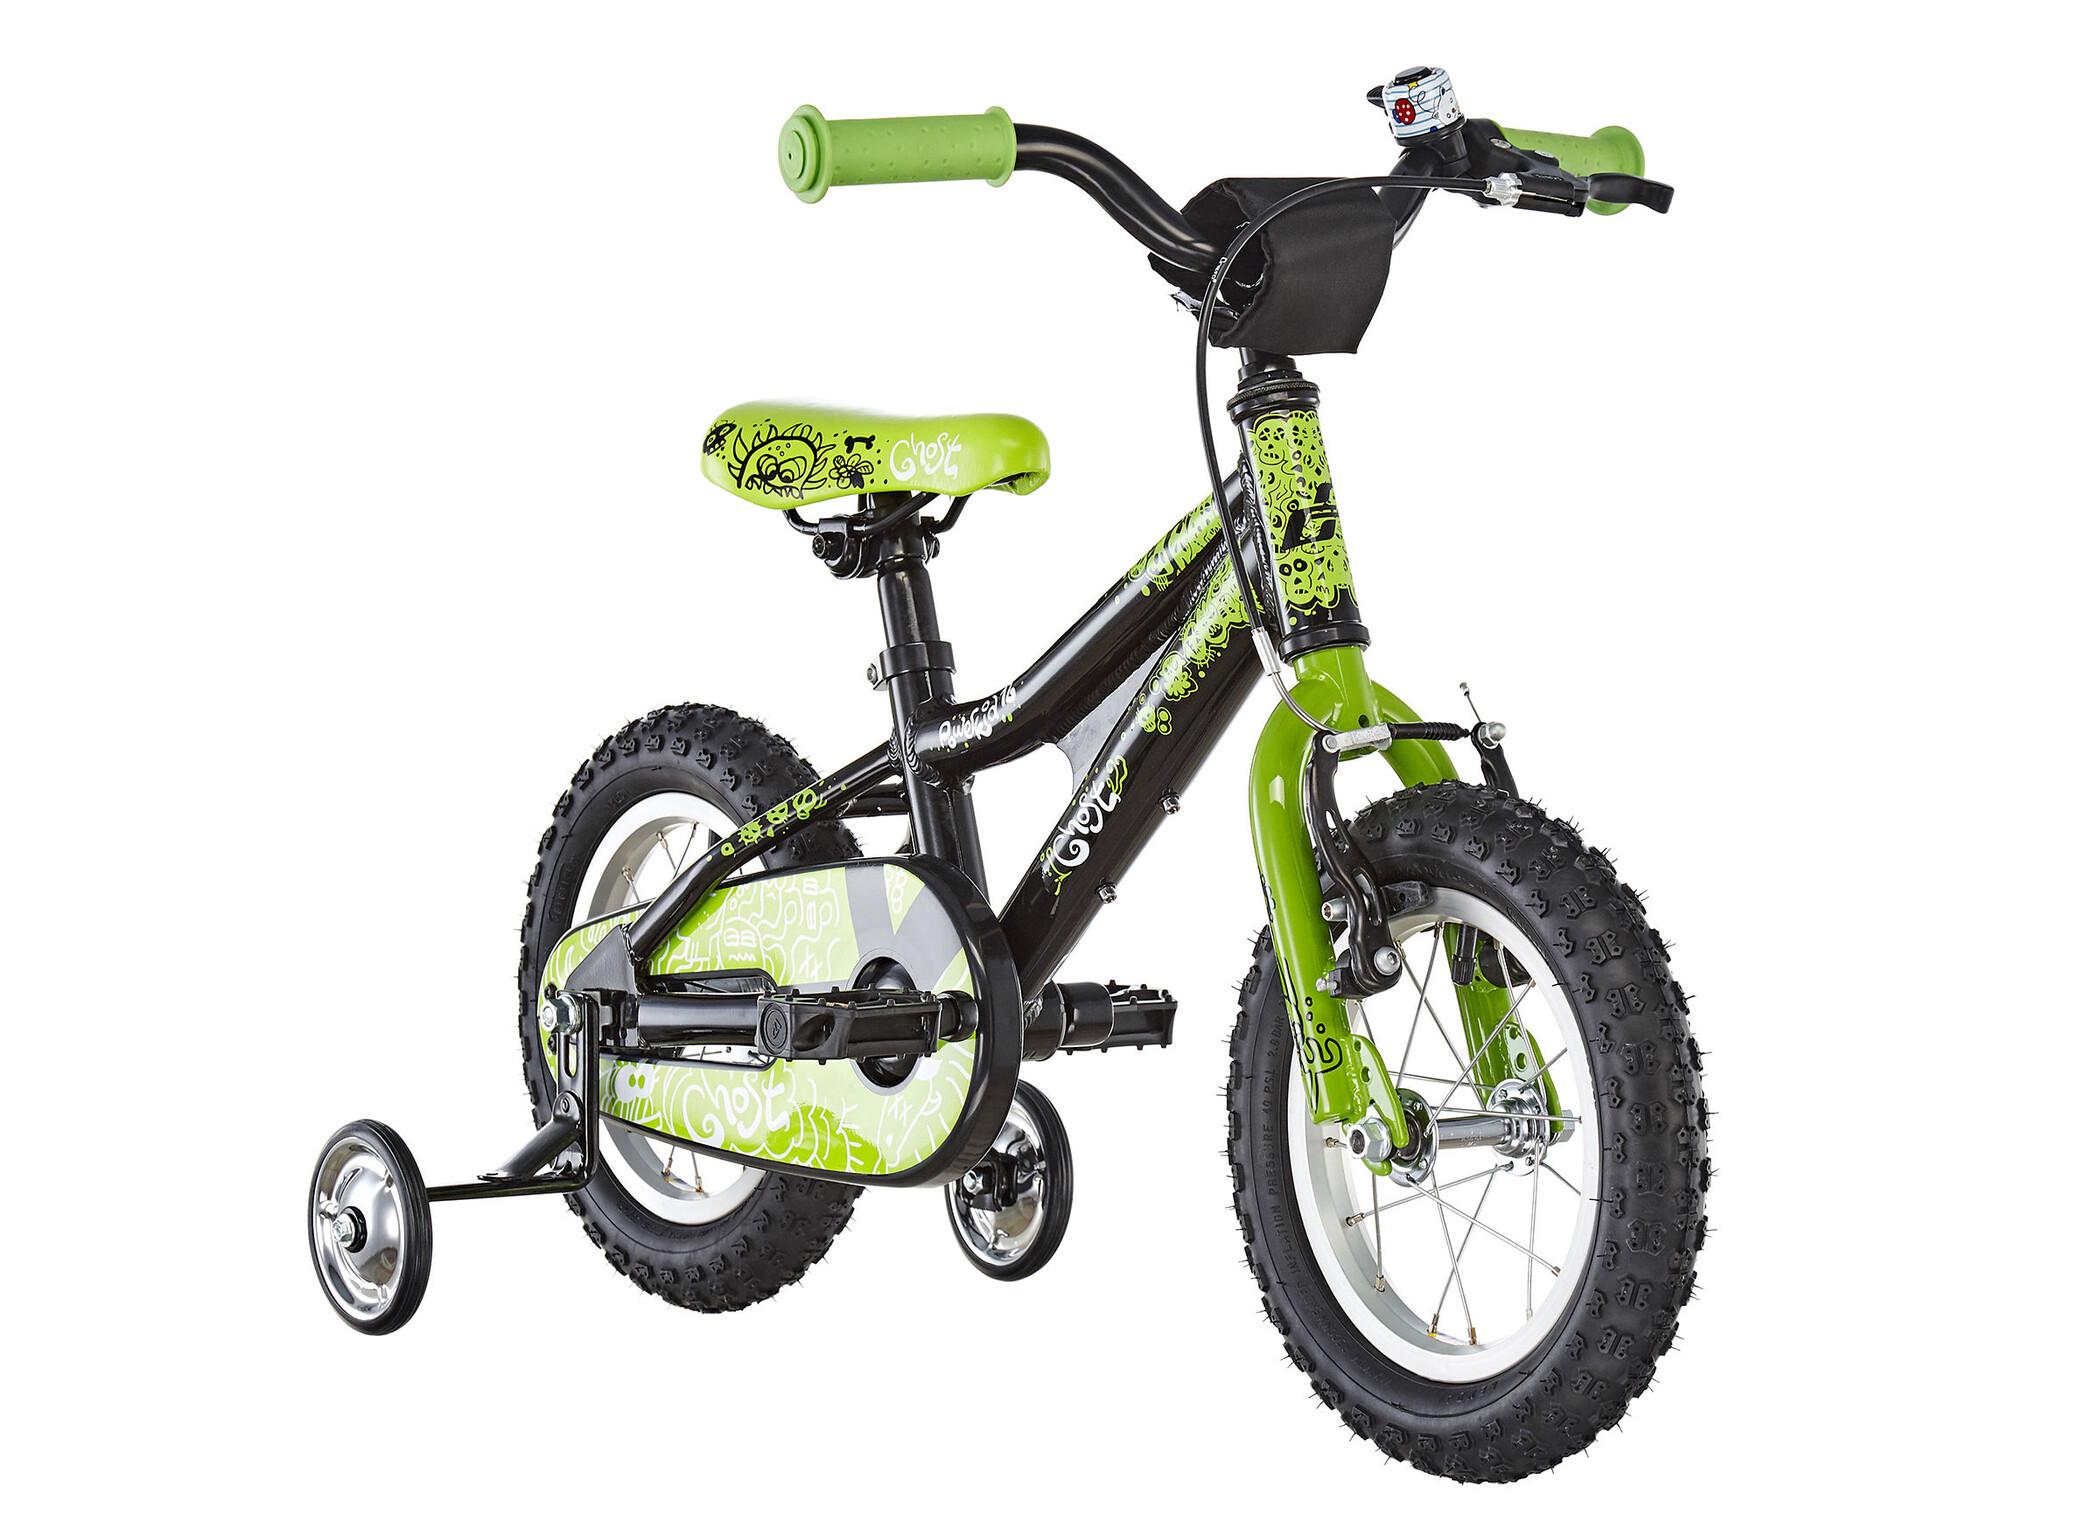 Ghost Powerkid AL 12 Børn, night black/riot green/star white | City-cykler